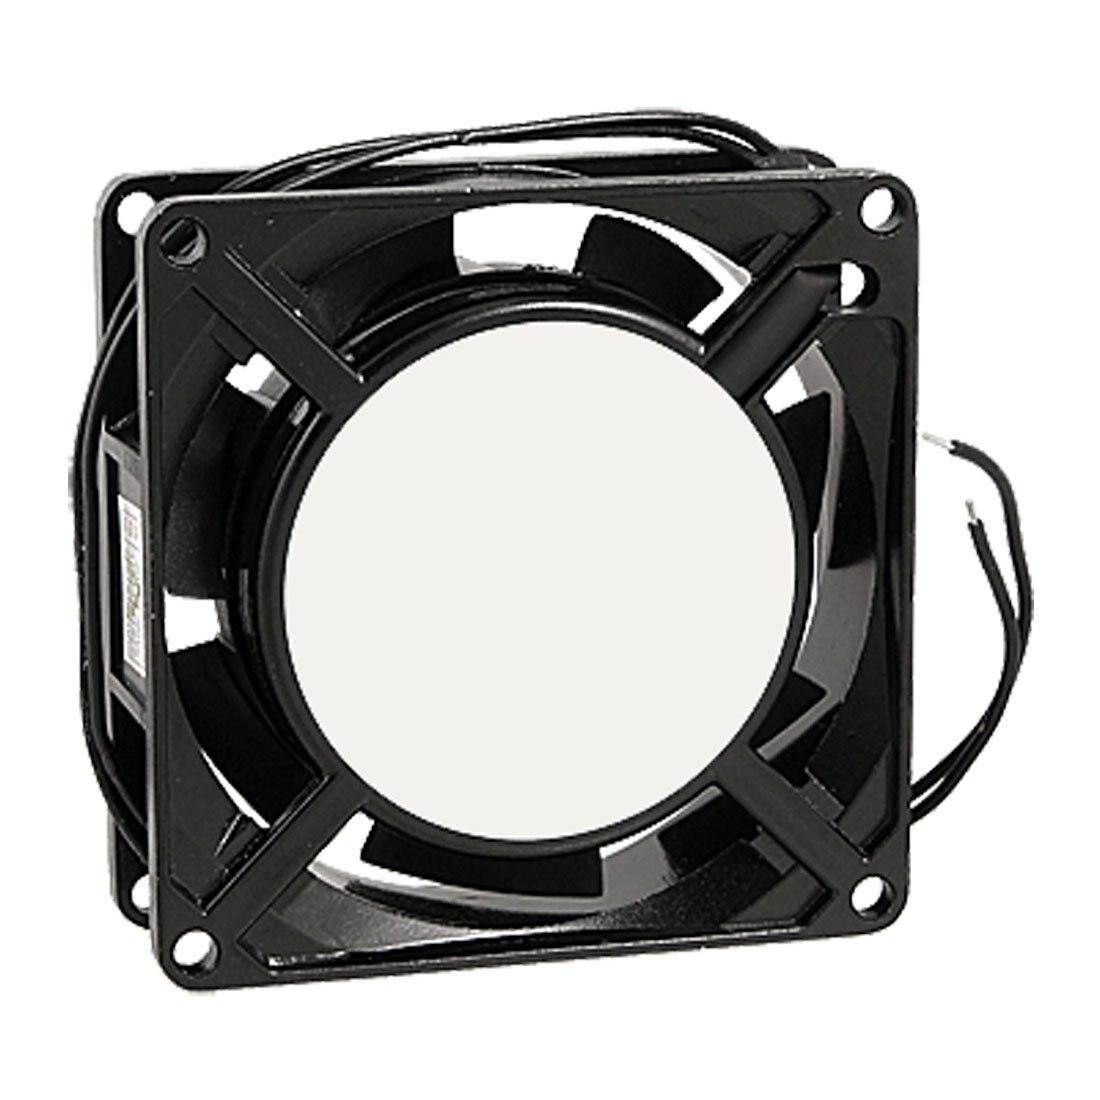 Élimination de la chaleur 80x80x25mm AC 220-240 V Axial Refroidisseur Ventilateur